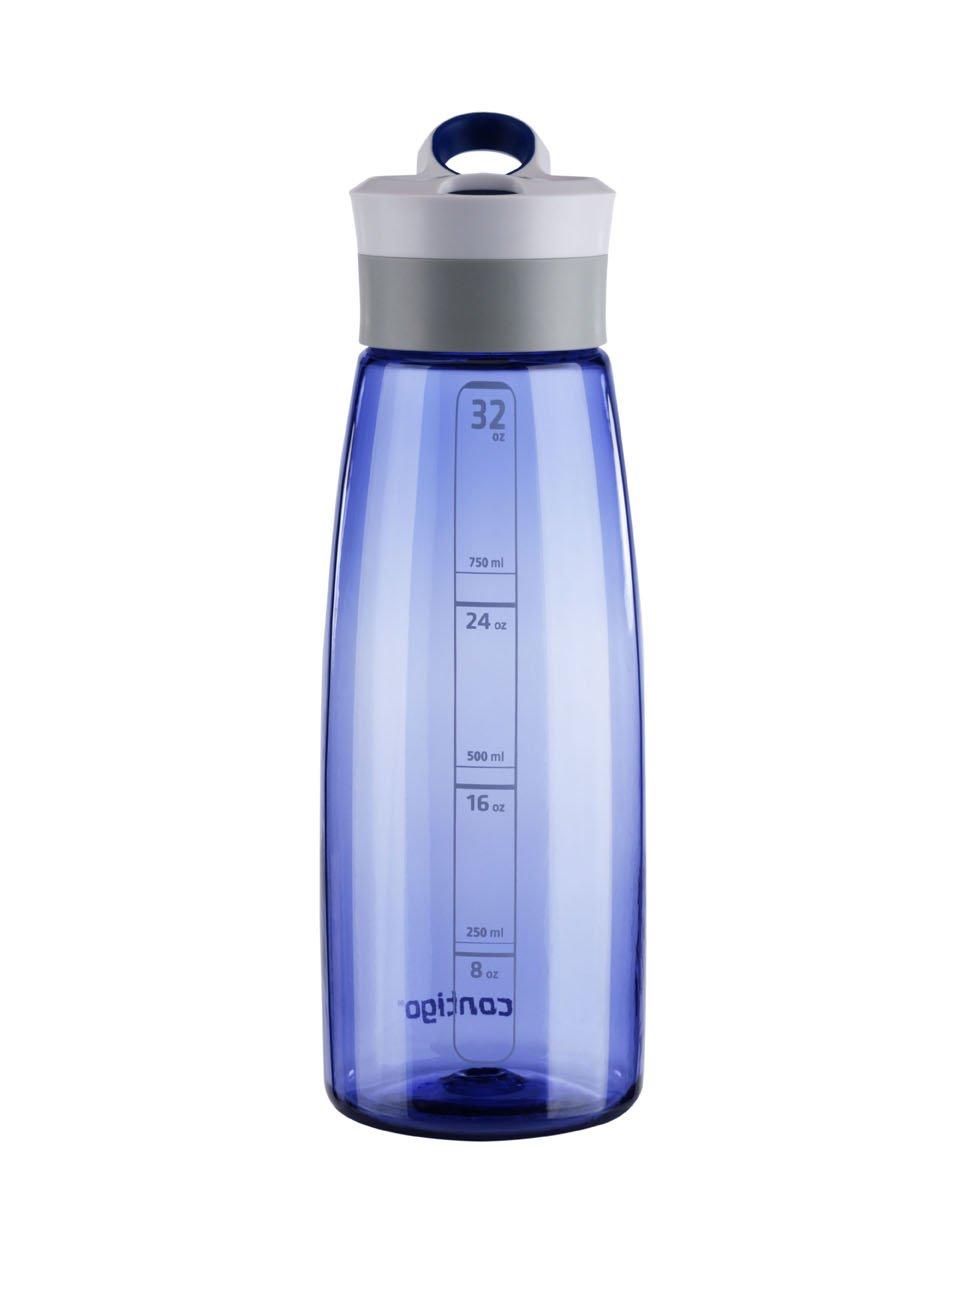 535e8b6046 Amazon.com: Contigo AUTOSEAL Grace Reusable Water Bottle, 32oz, Cobalt:  Kitchen & Dining